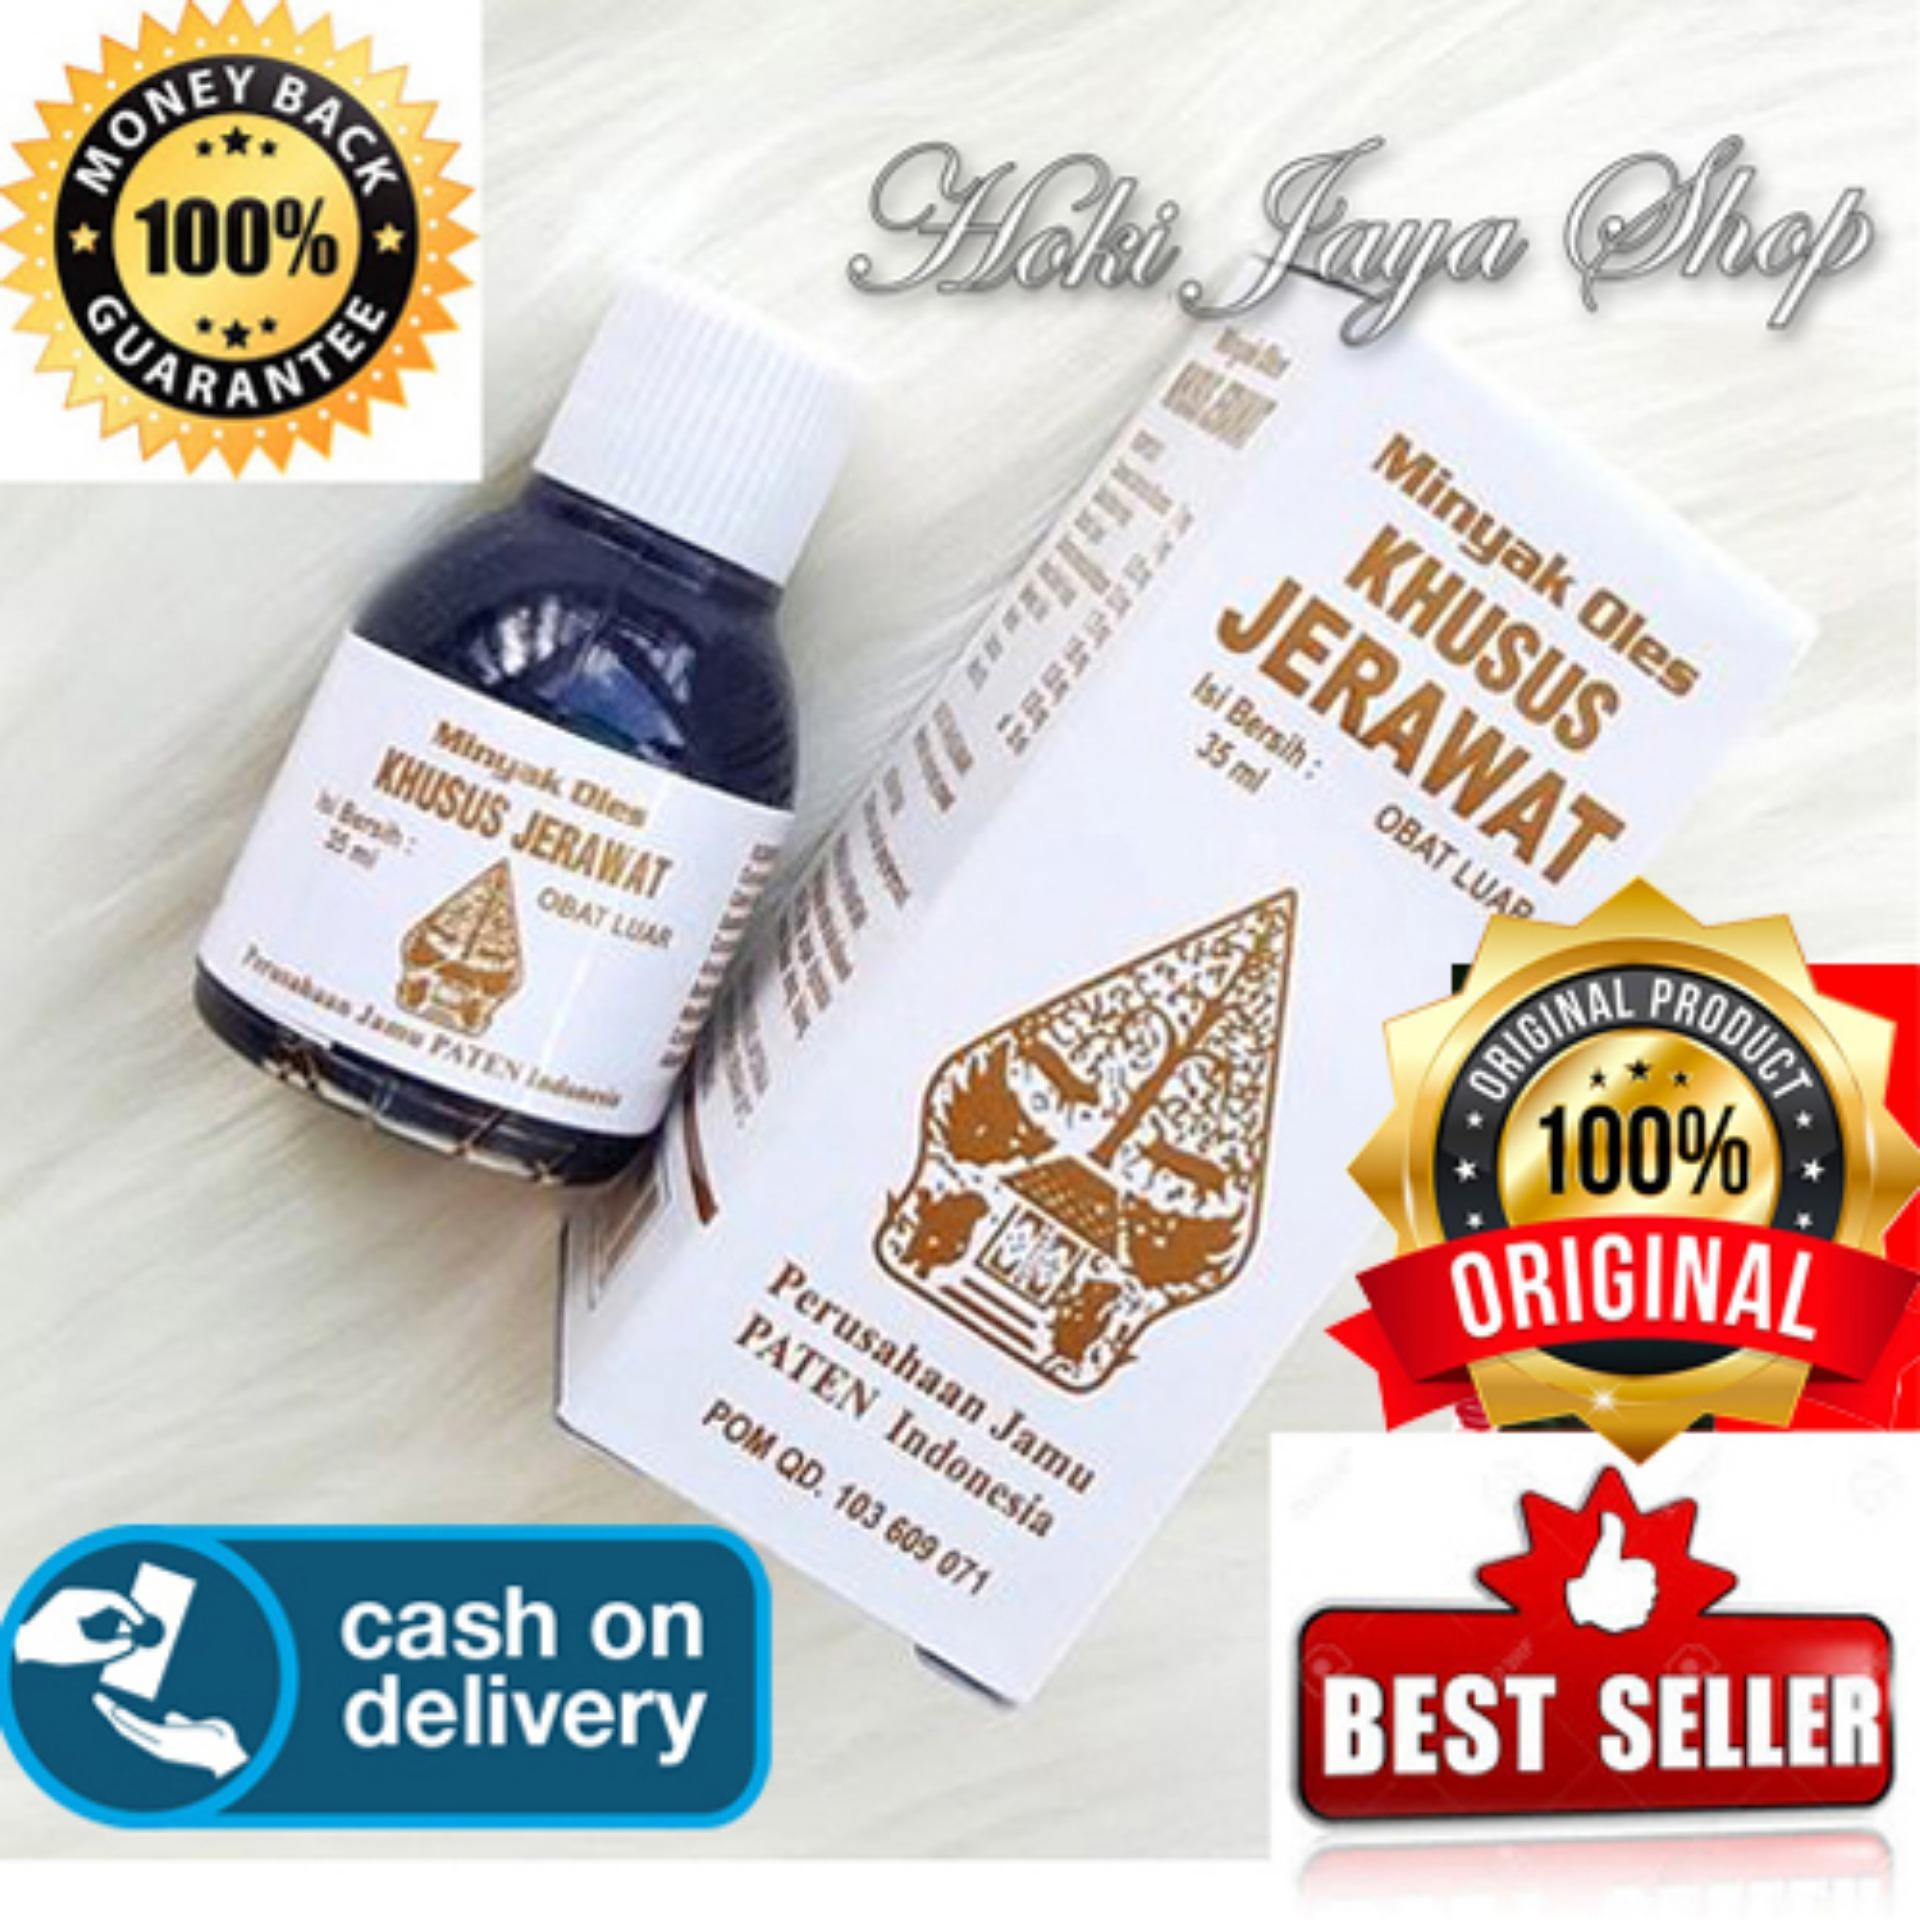 HOKI COD - obat jerawat - Minyak Oles Wayang Khusus Jerawat - 35 ml